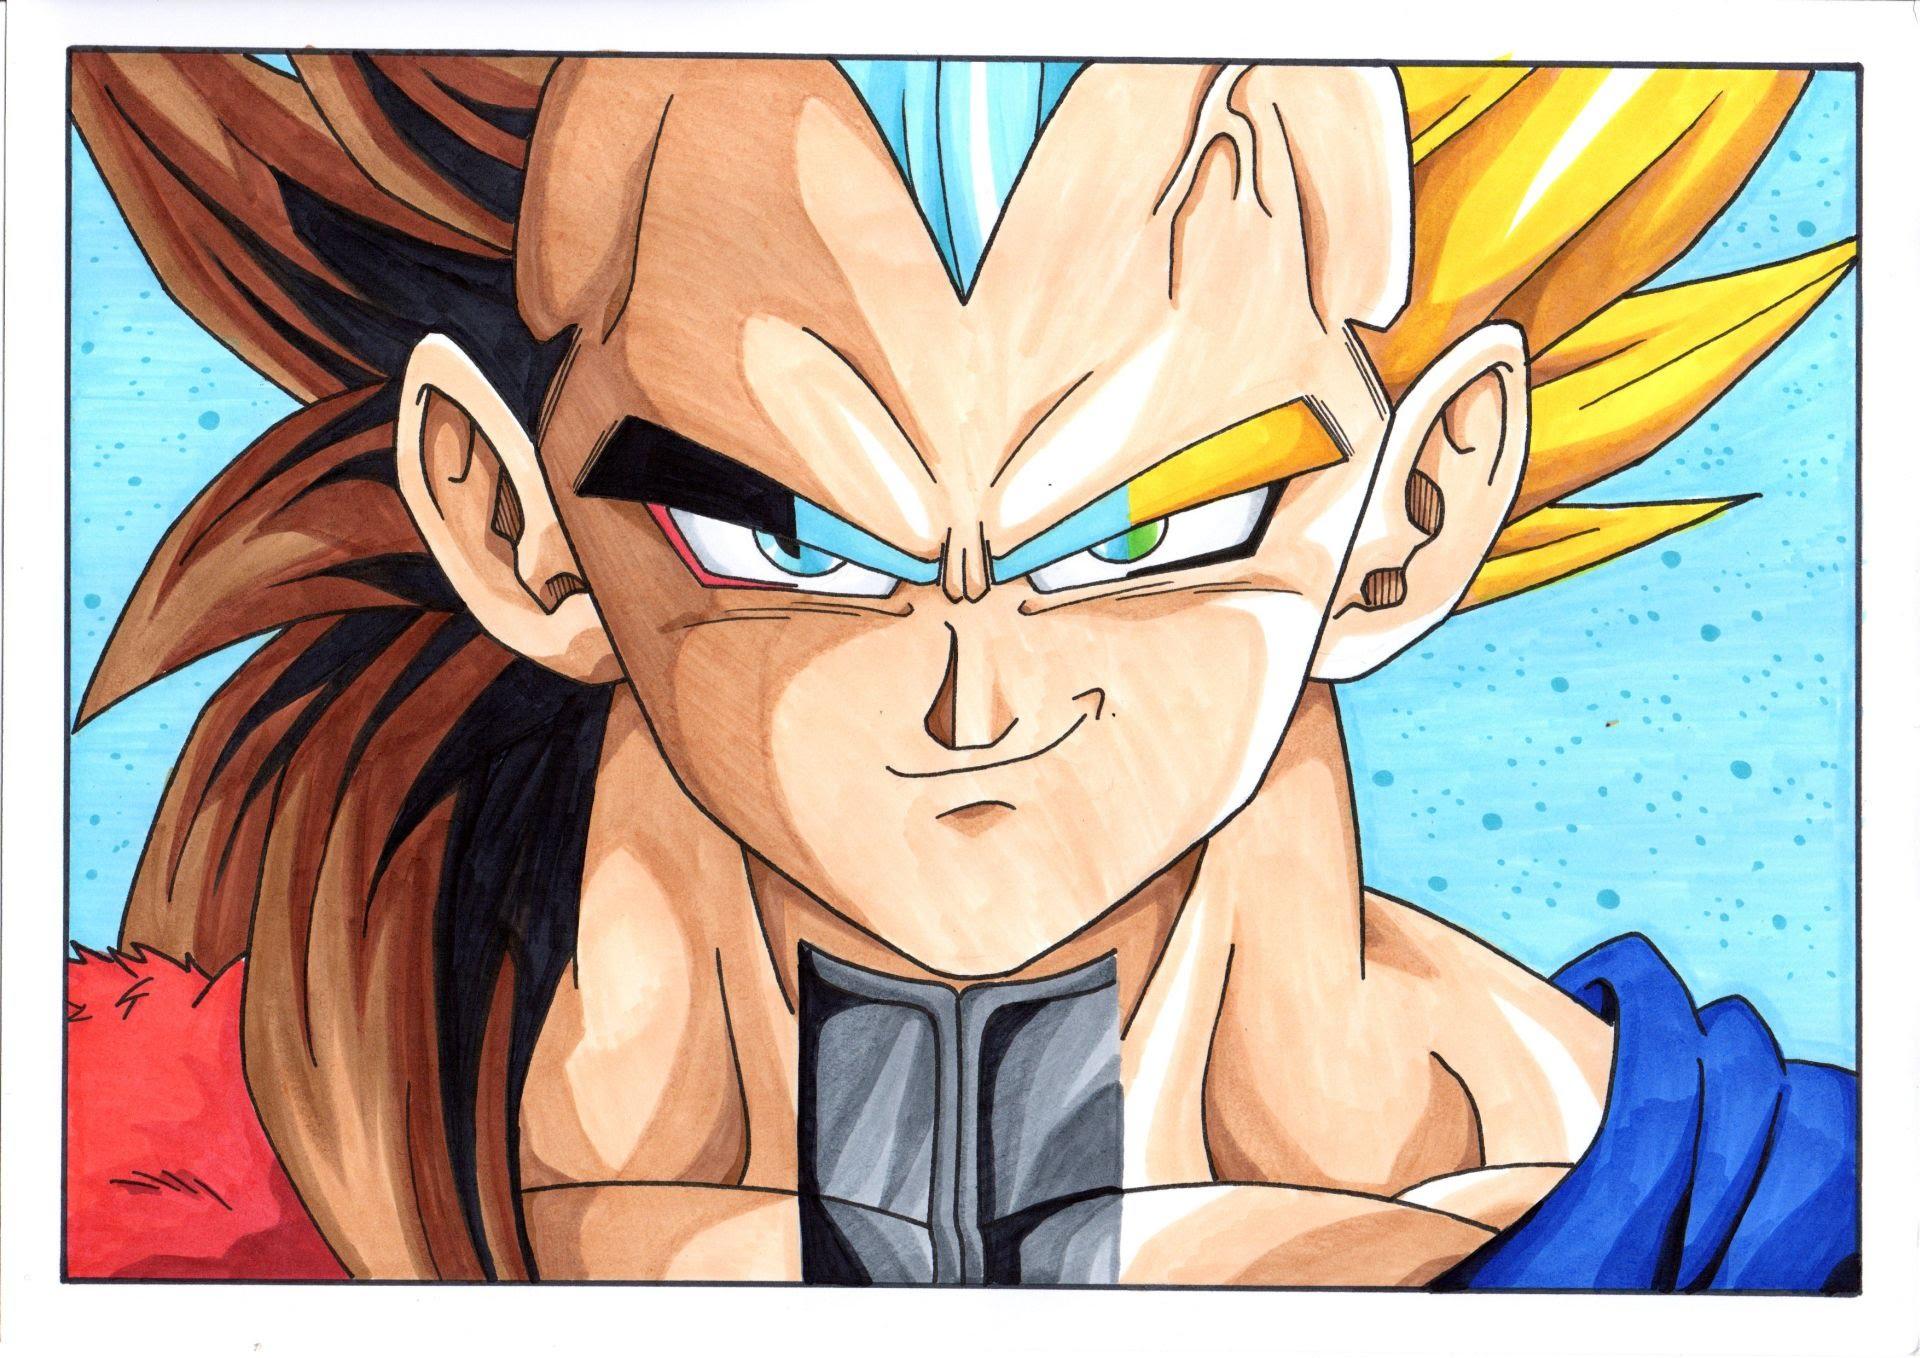 1920x1358 Dragon Ball Z Goku And Vegeta Fusion Super Saiyan God Line Drawing